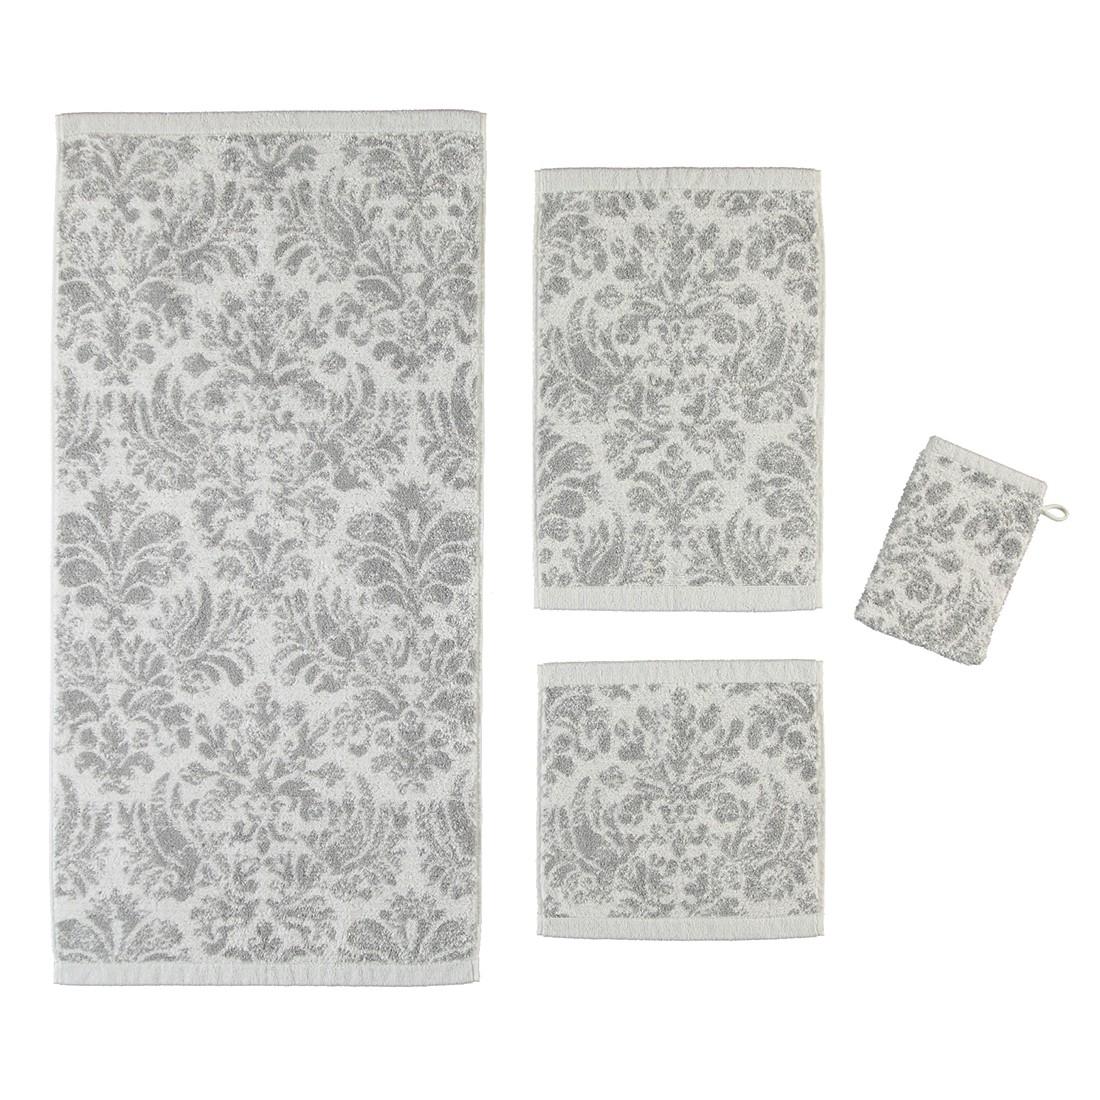 Handtücher Contour Jacquard 8082 – Baumwolle – Silber – Handtuch 50×100 cm, Cawö jetzt bestellen